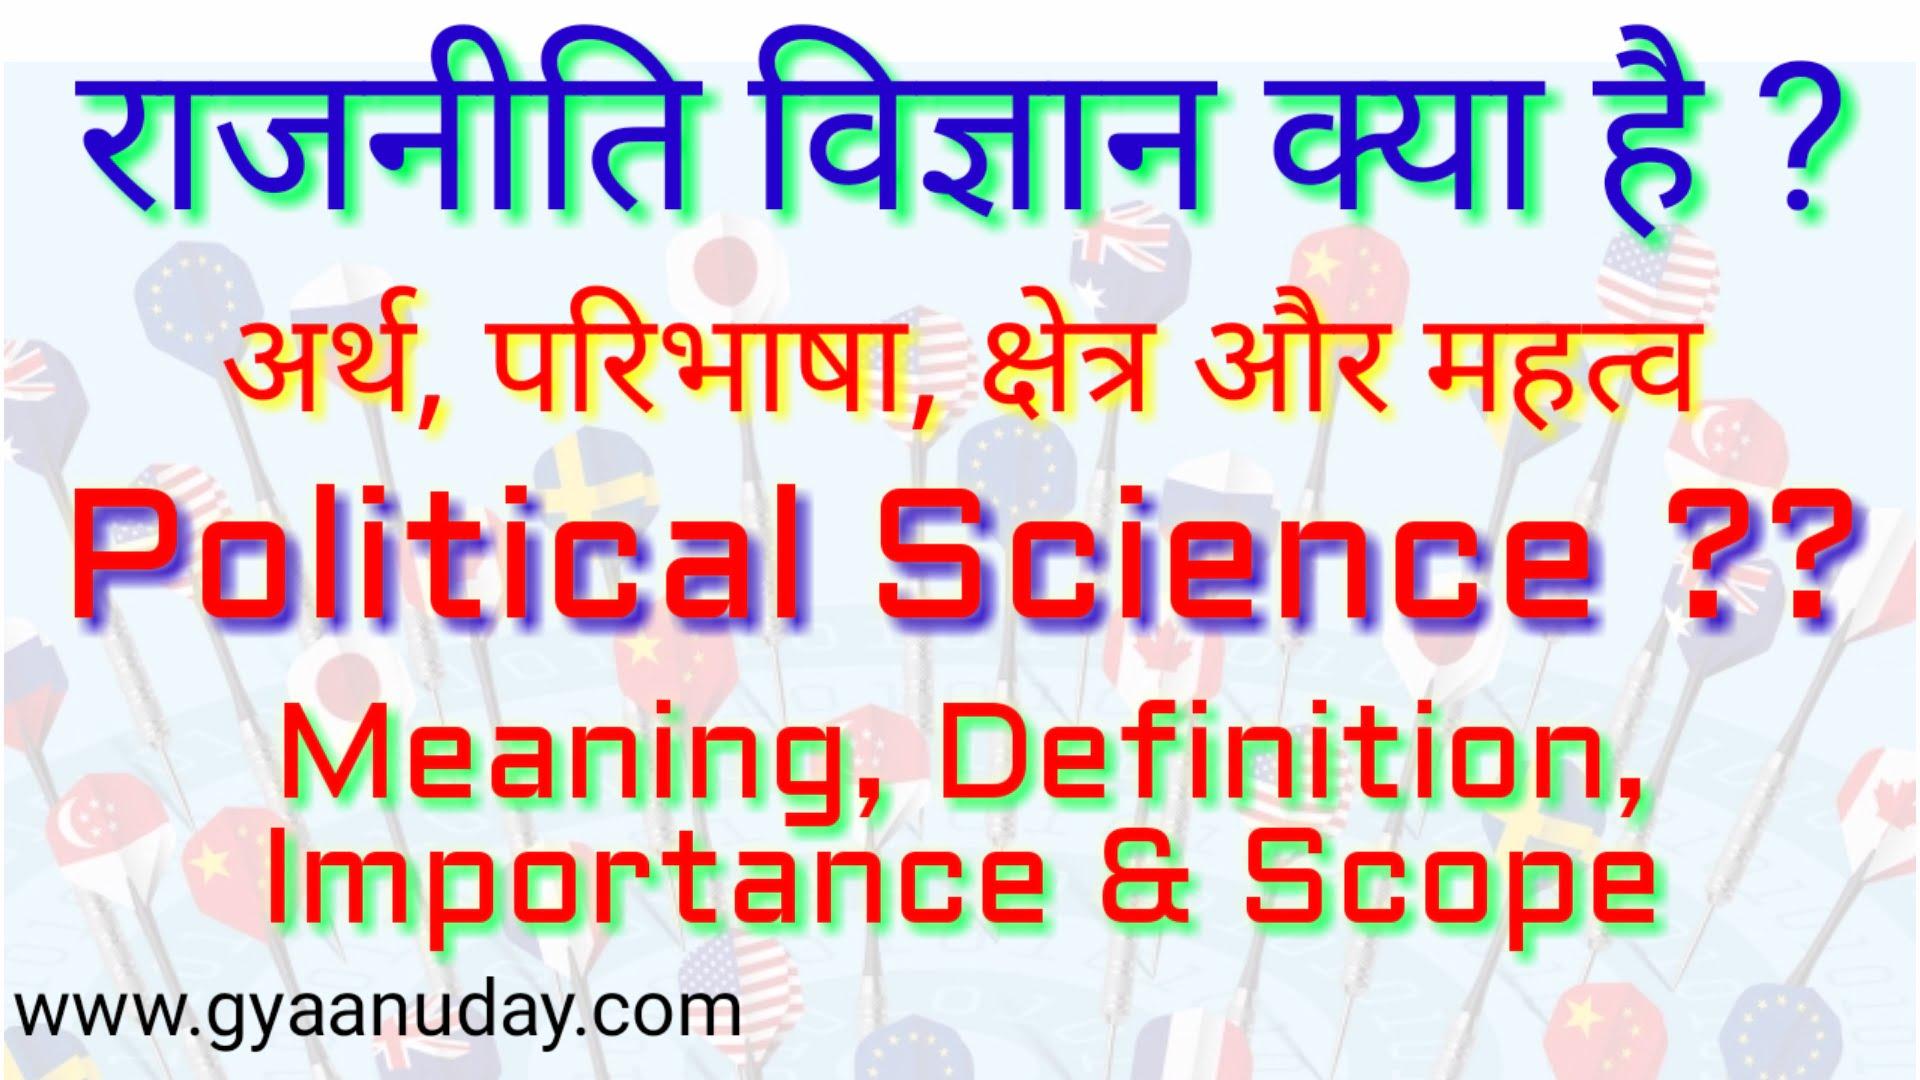 राजनीति विज्ञान क्या है ?